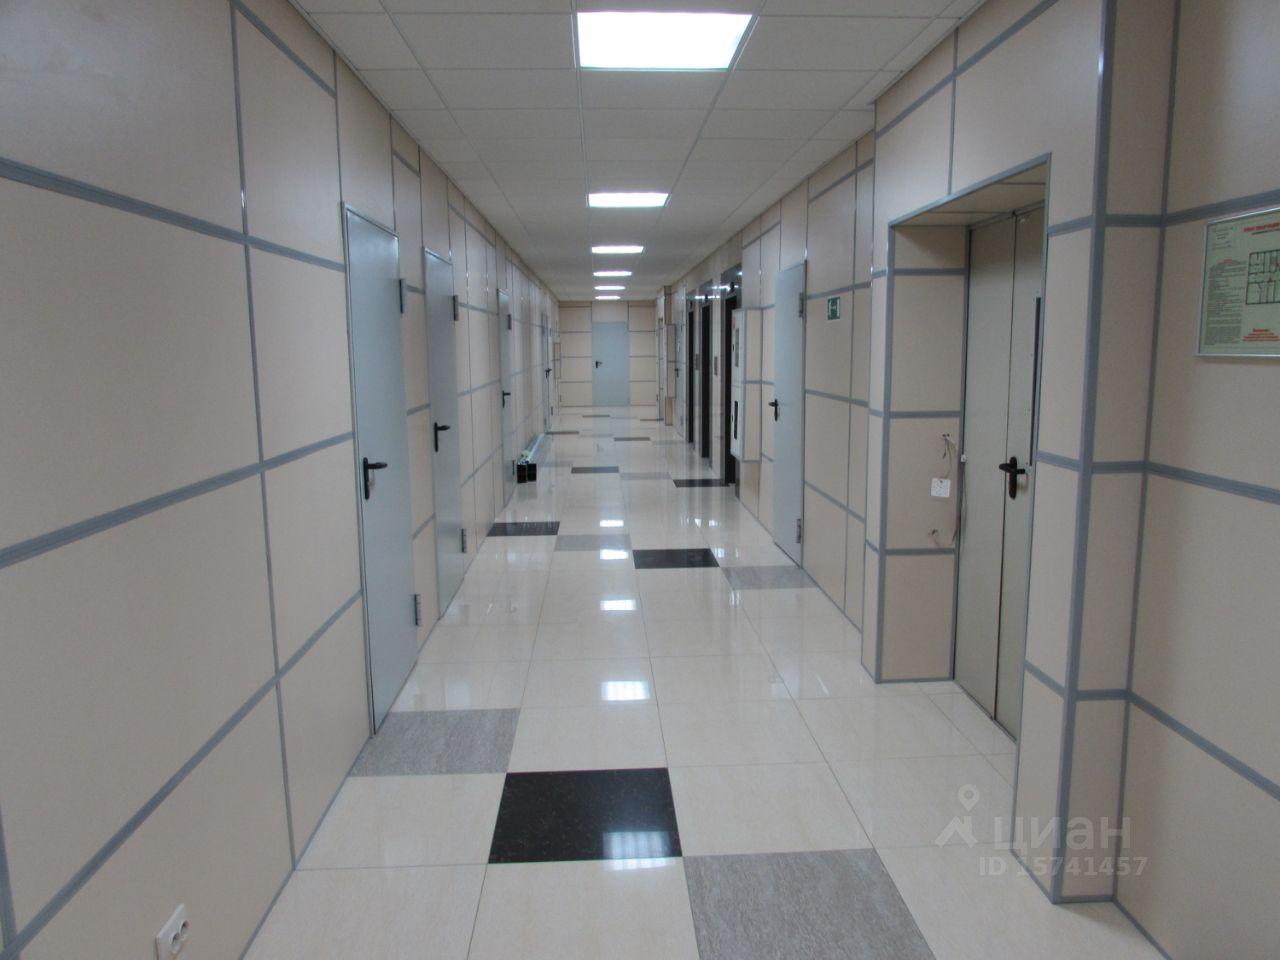 Аренда офиса 20 м2 планерная коммерческая недвижимость теплиц